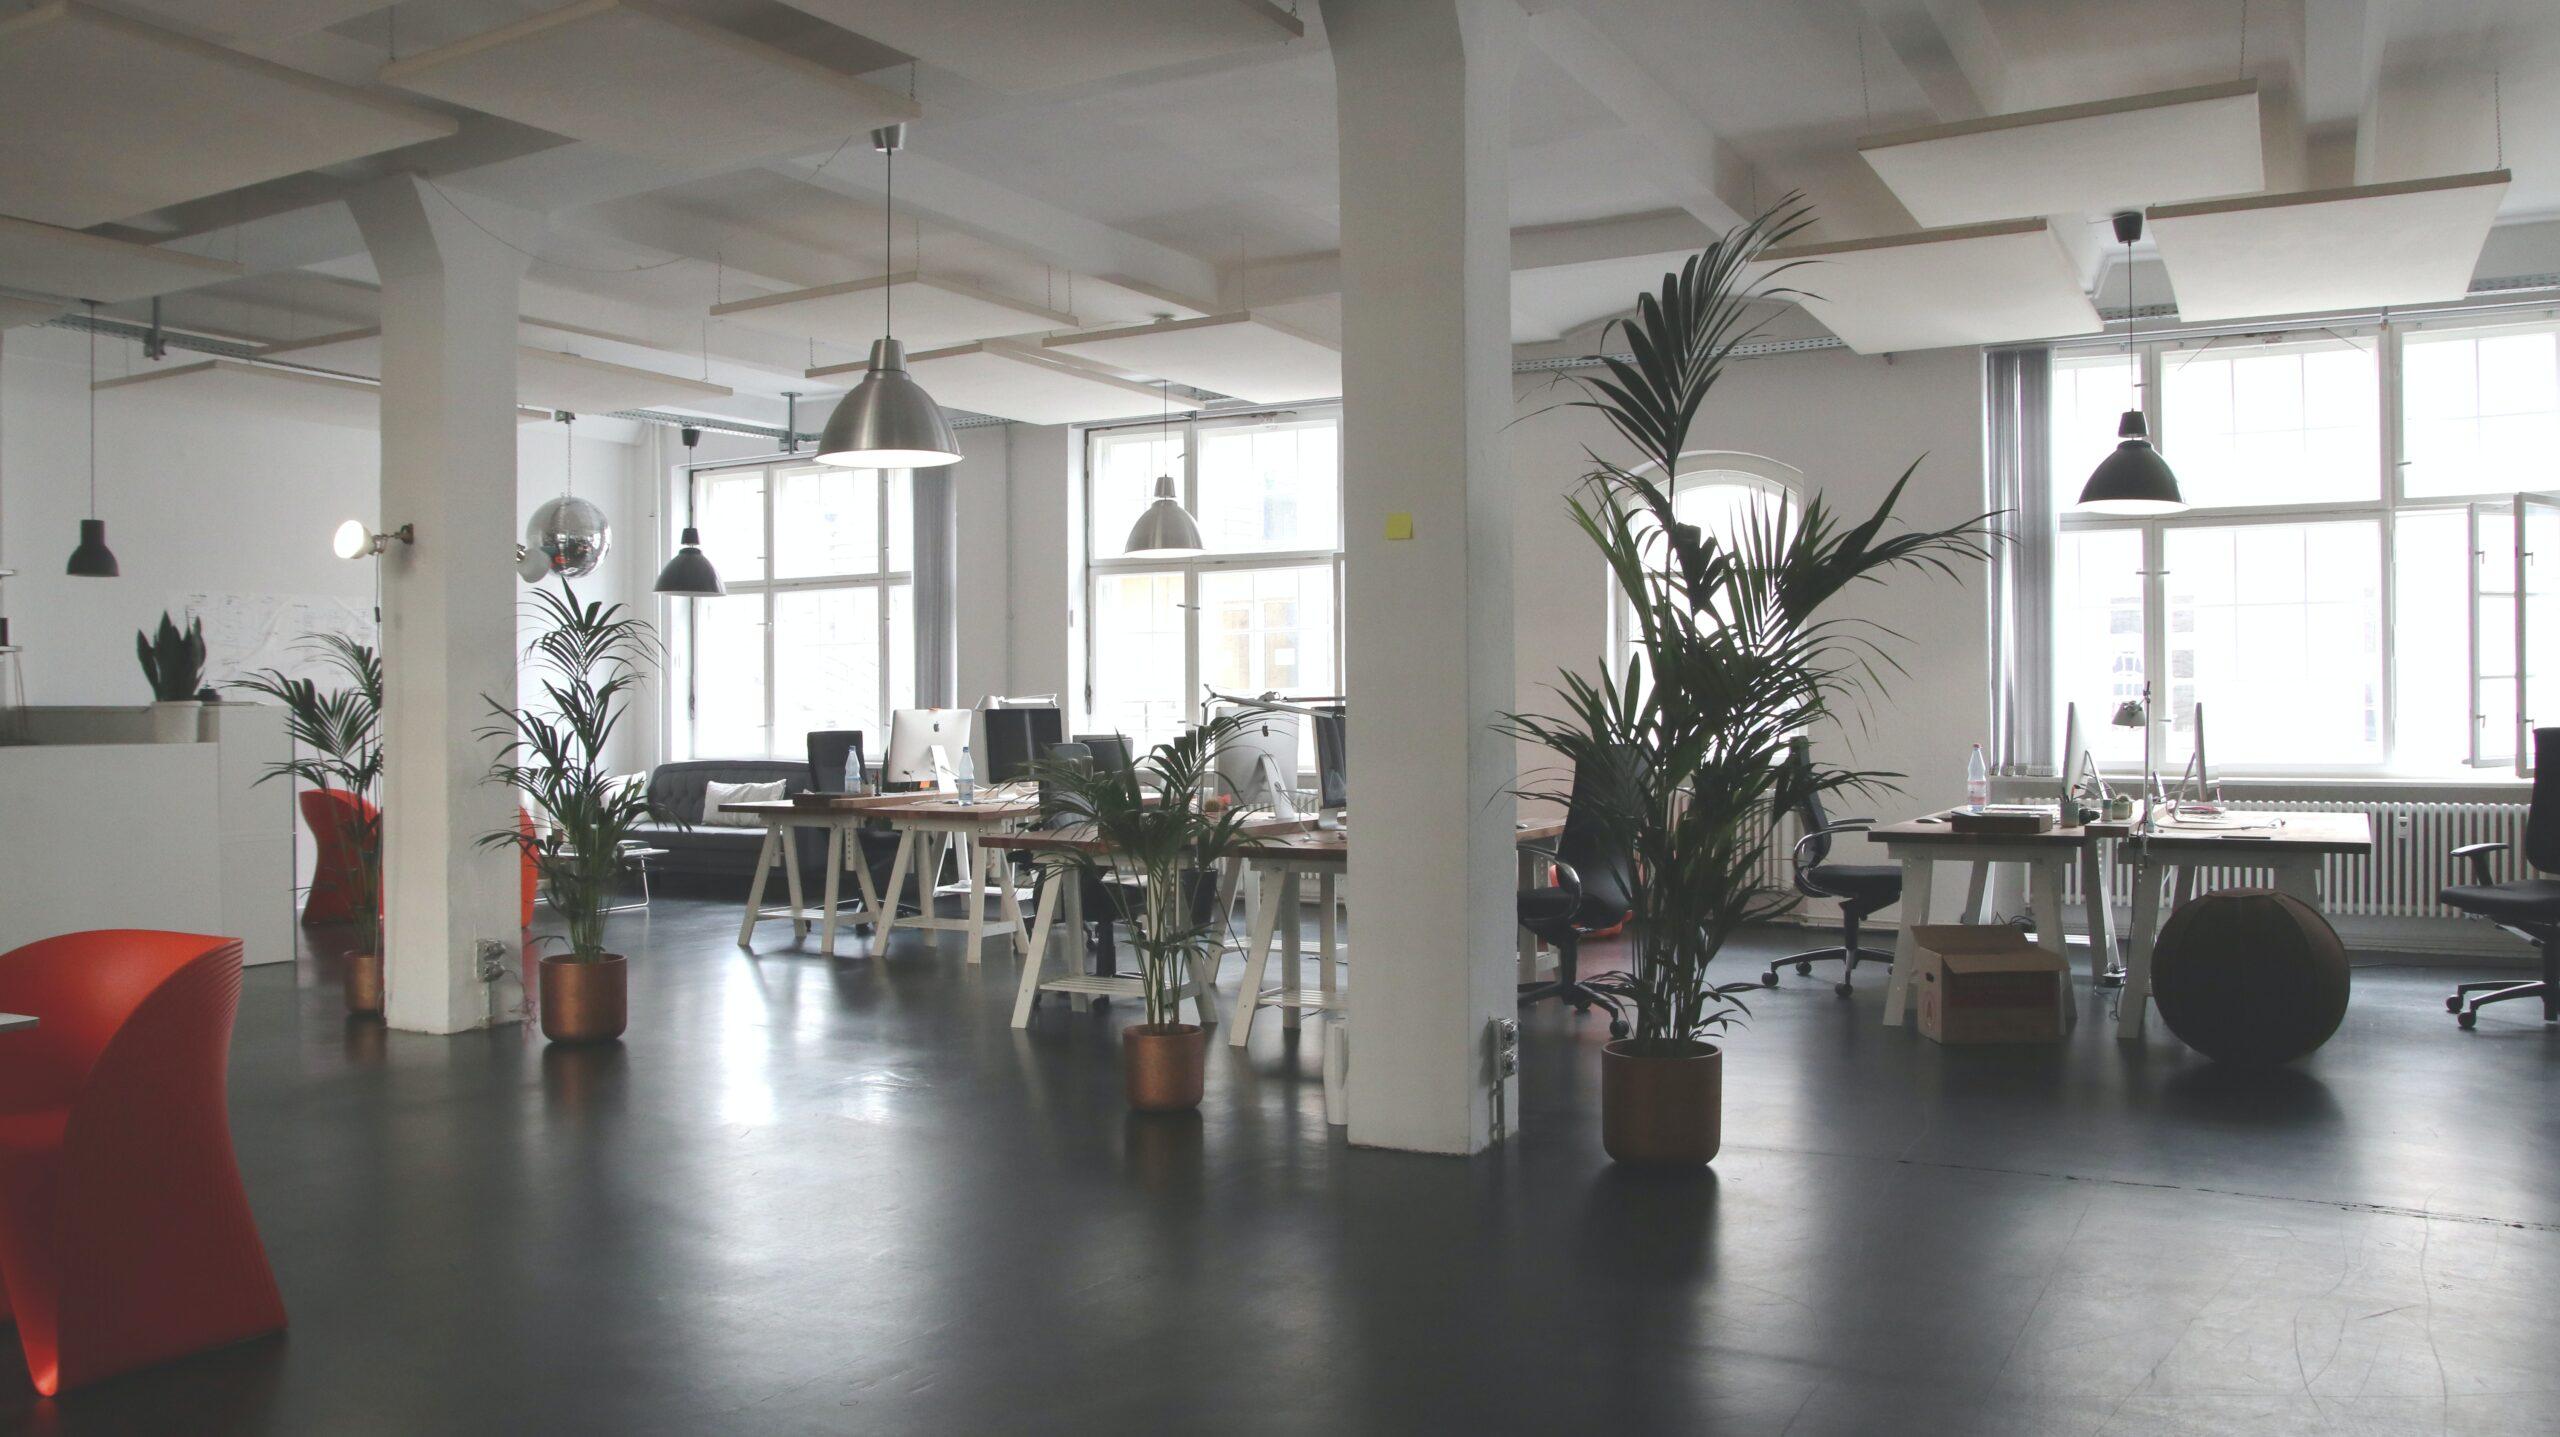 オフィス移転の流れ④:現オフィスの契約内容と原状回復の範囲を確認する